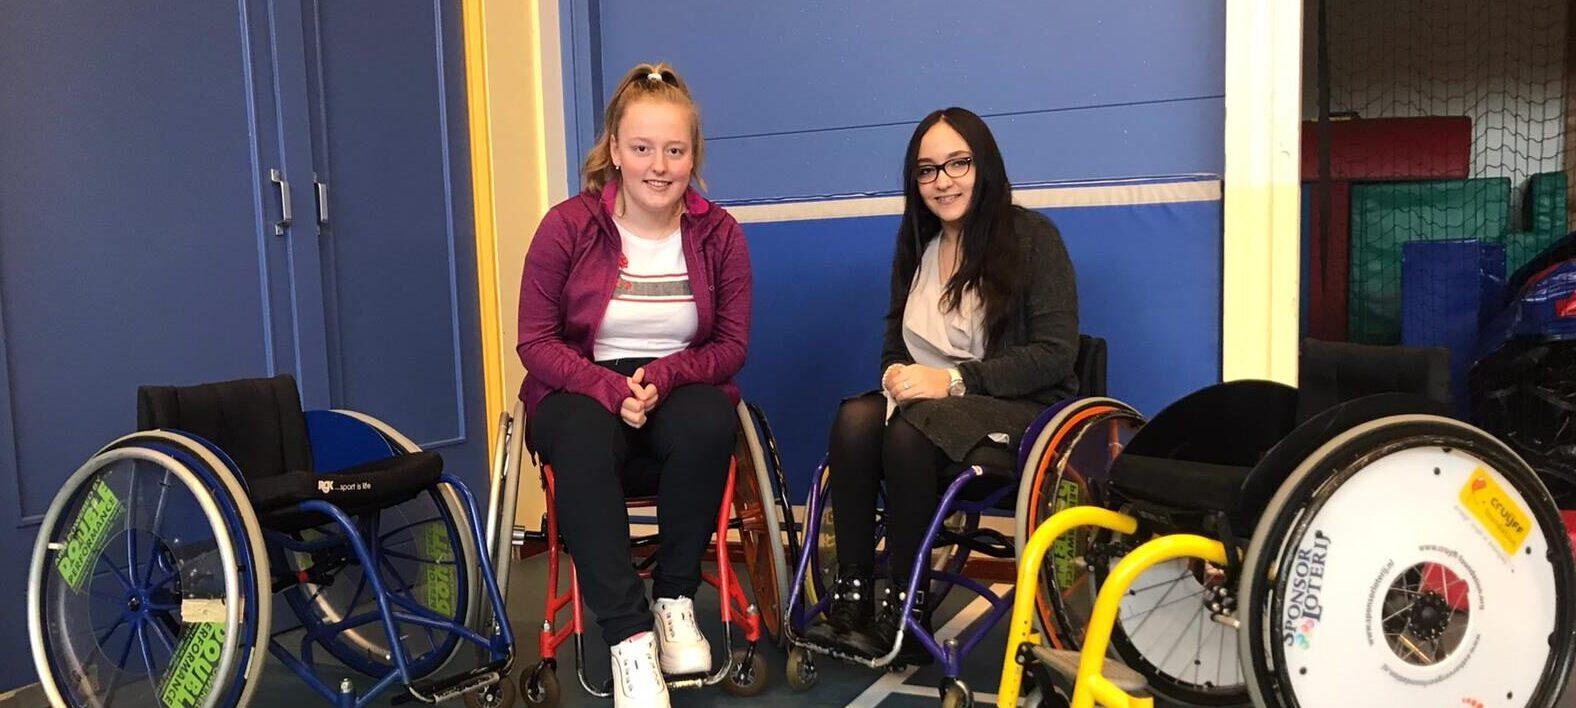 Chaima laat docenten lesgeven in een rolstoel